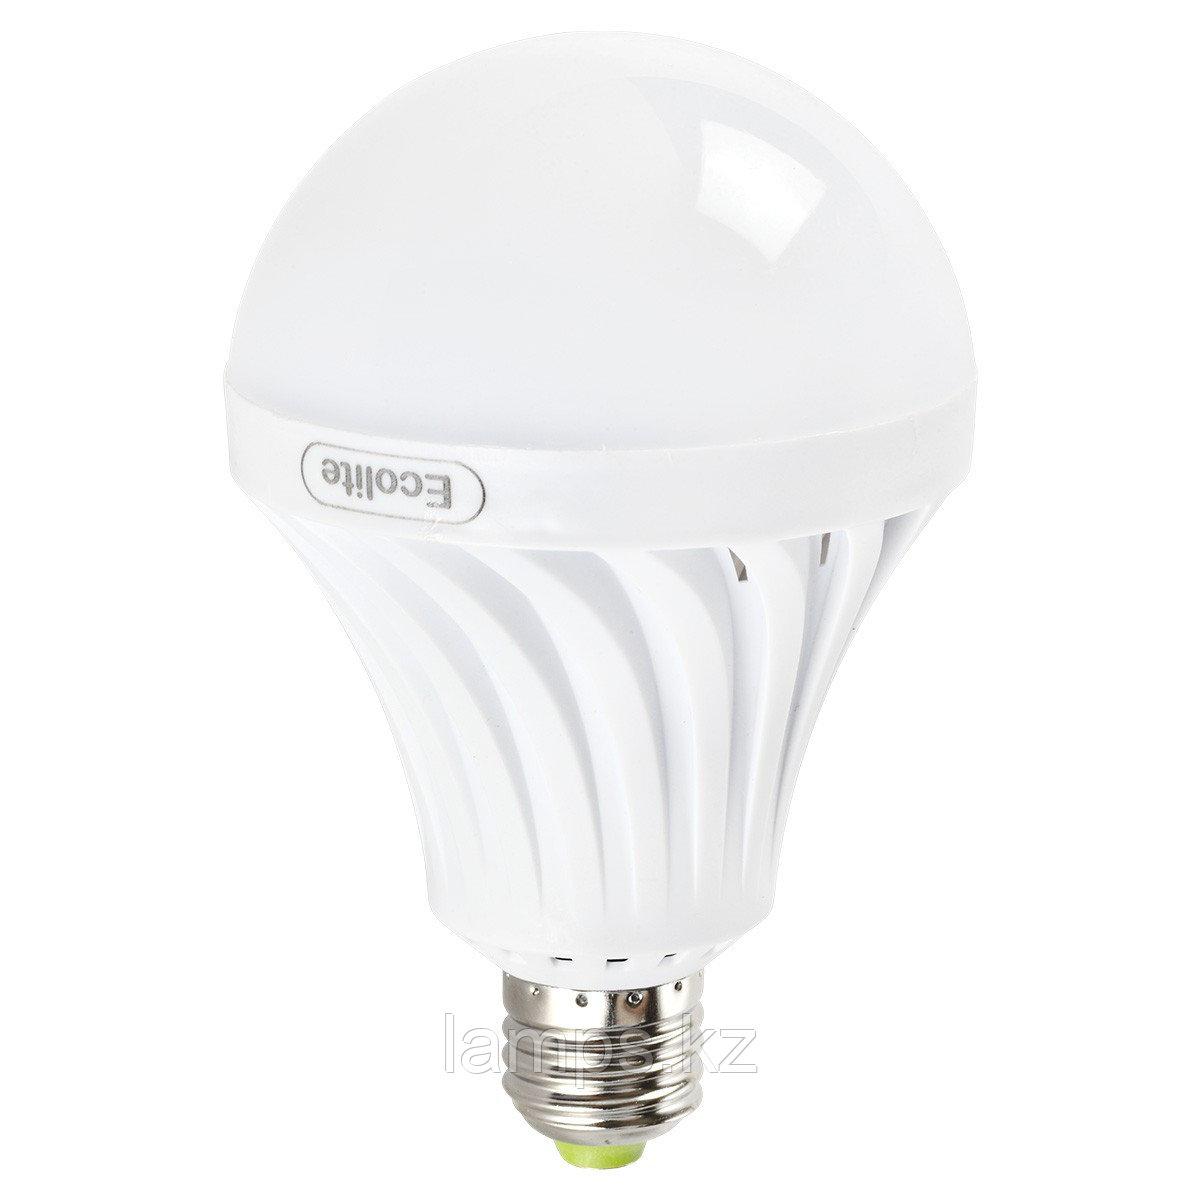 Светодиодная лампа на аккумуляторе аварийная 9W E27 6000K